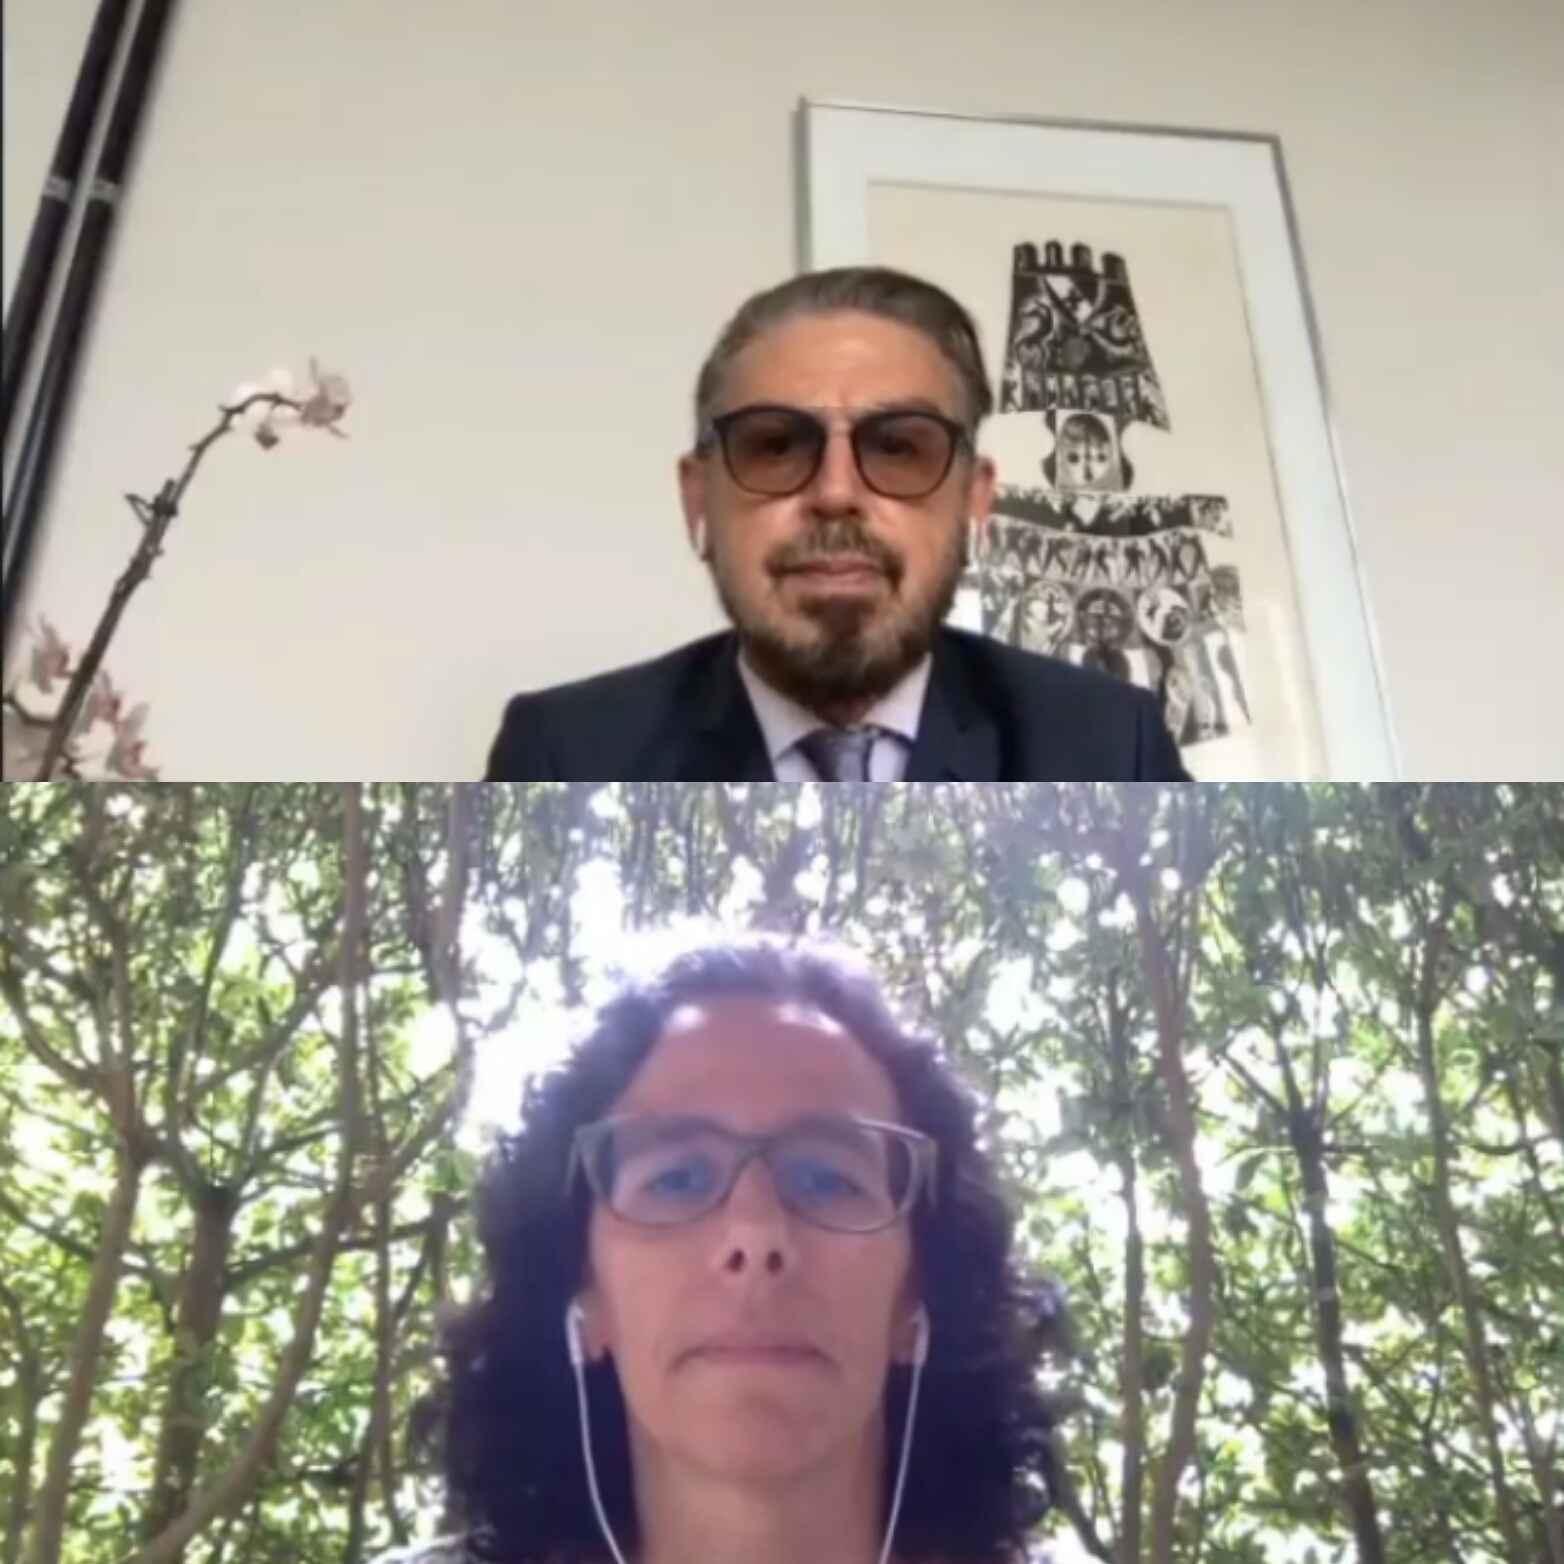 O pró-reitor de Pós-graduação, Fábio Alves, e a pró-reitora adjunta, Silvia Alencar, fizeram o anúncio dos vencedores em cerimônia virtual